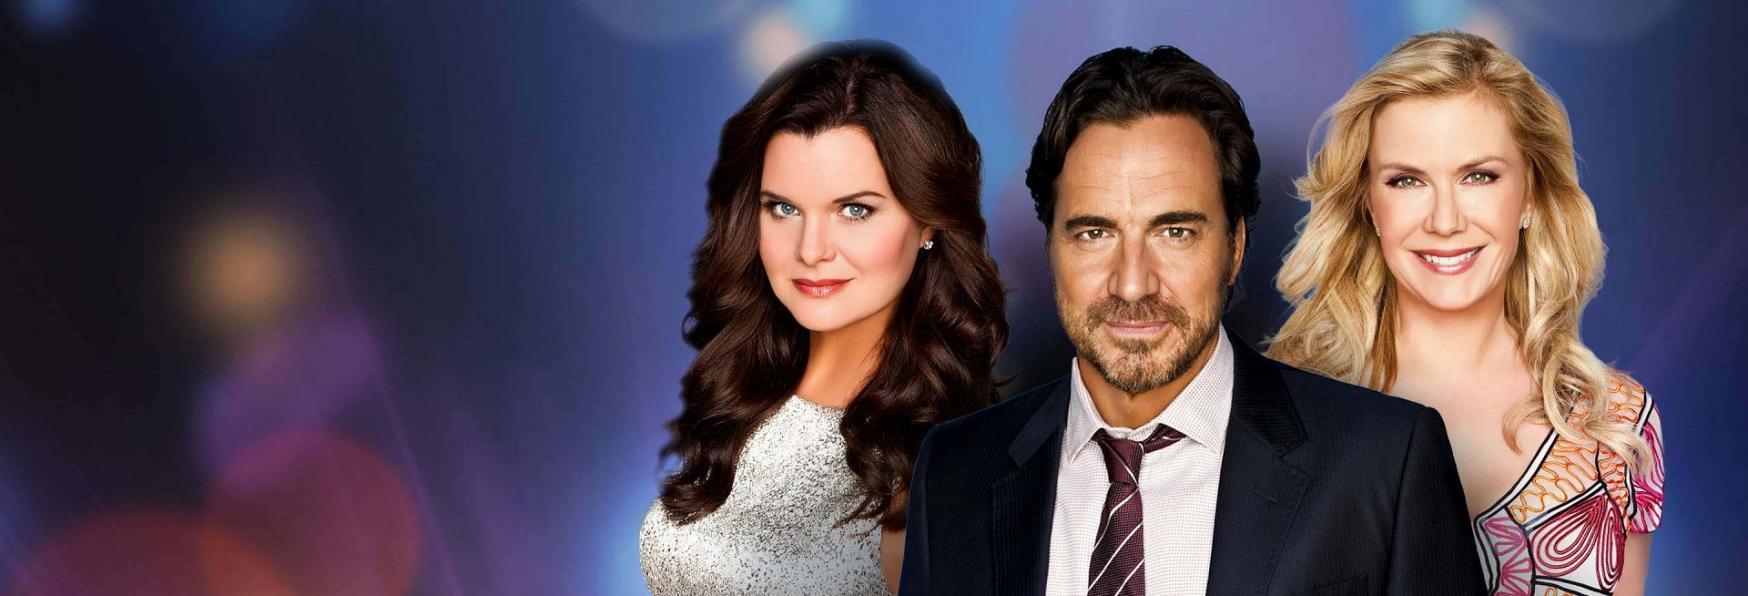 Beautiful: Una Scena Romantica della Serie TV diventa virale perché filmata con dei Manichini a causa del COVID-19